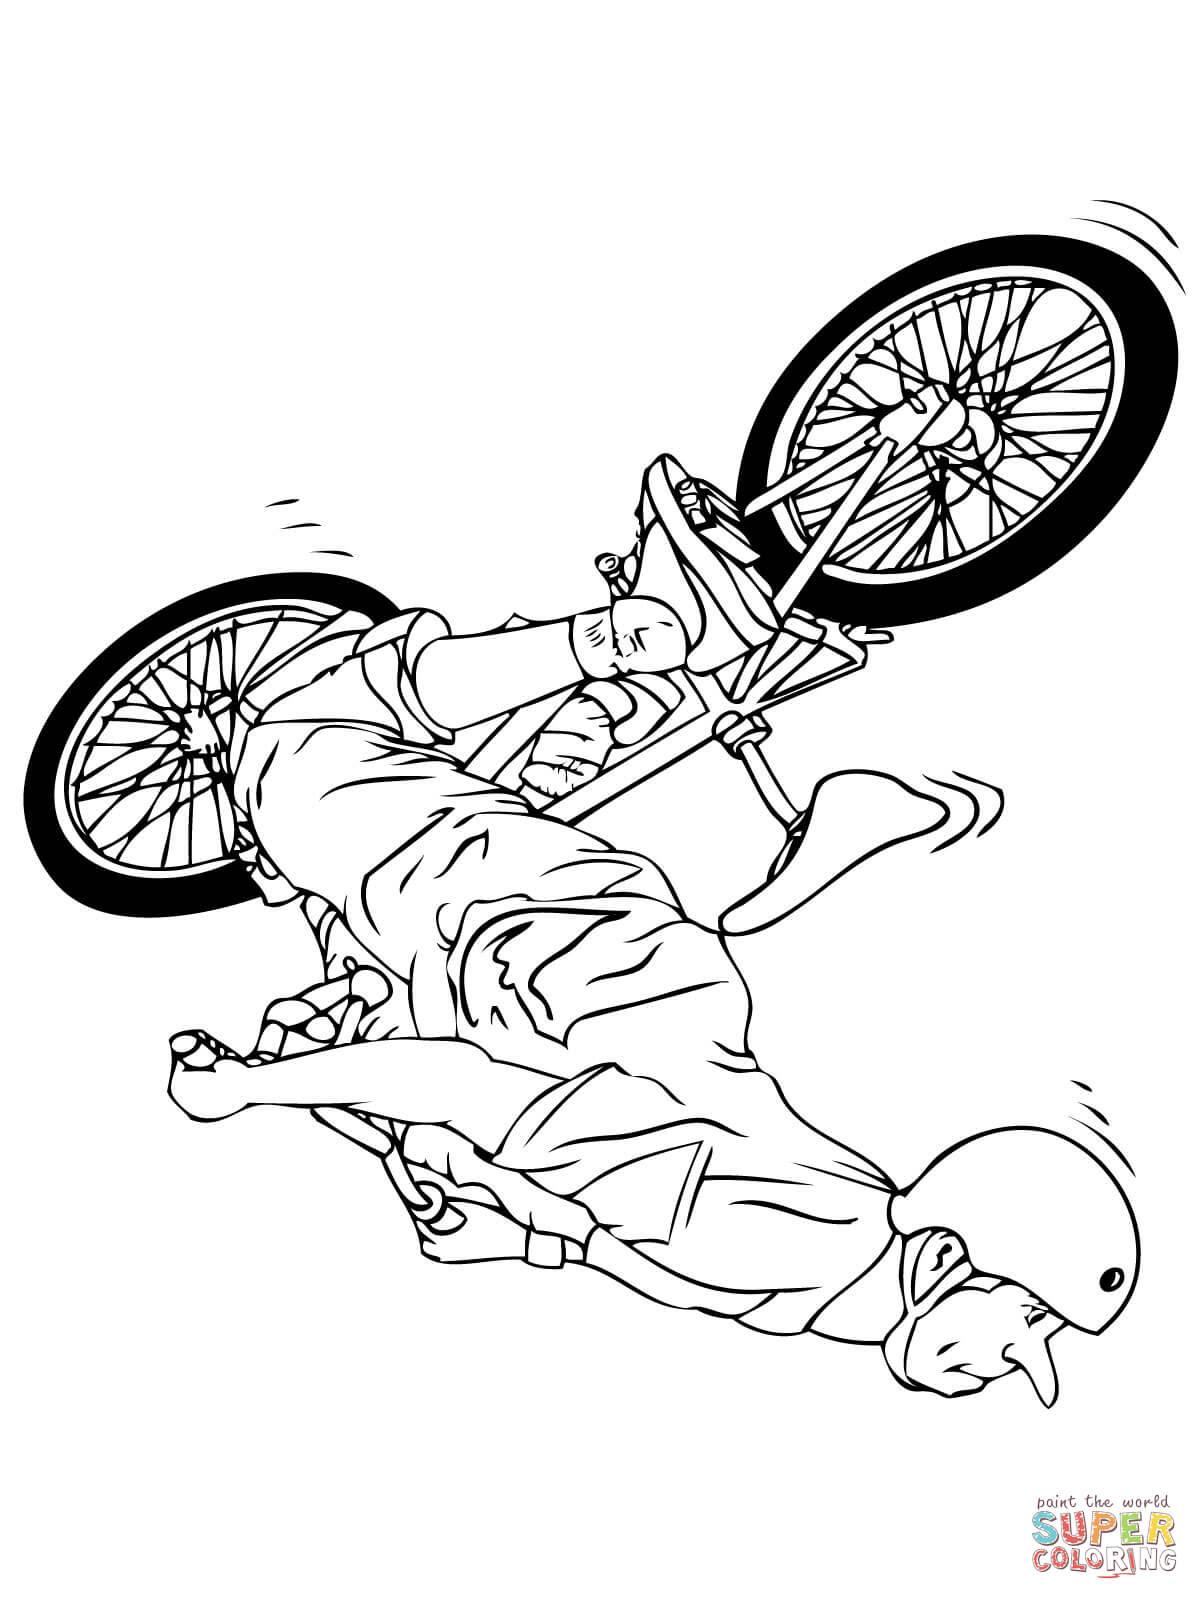 er sur la Flipwhip sur BMX coloriages